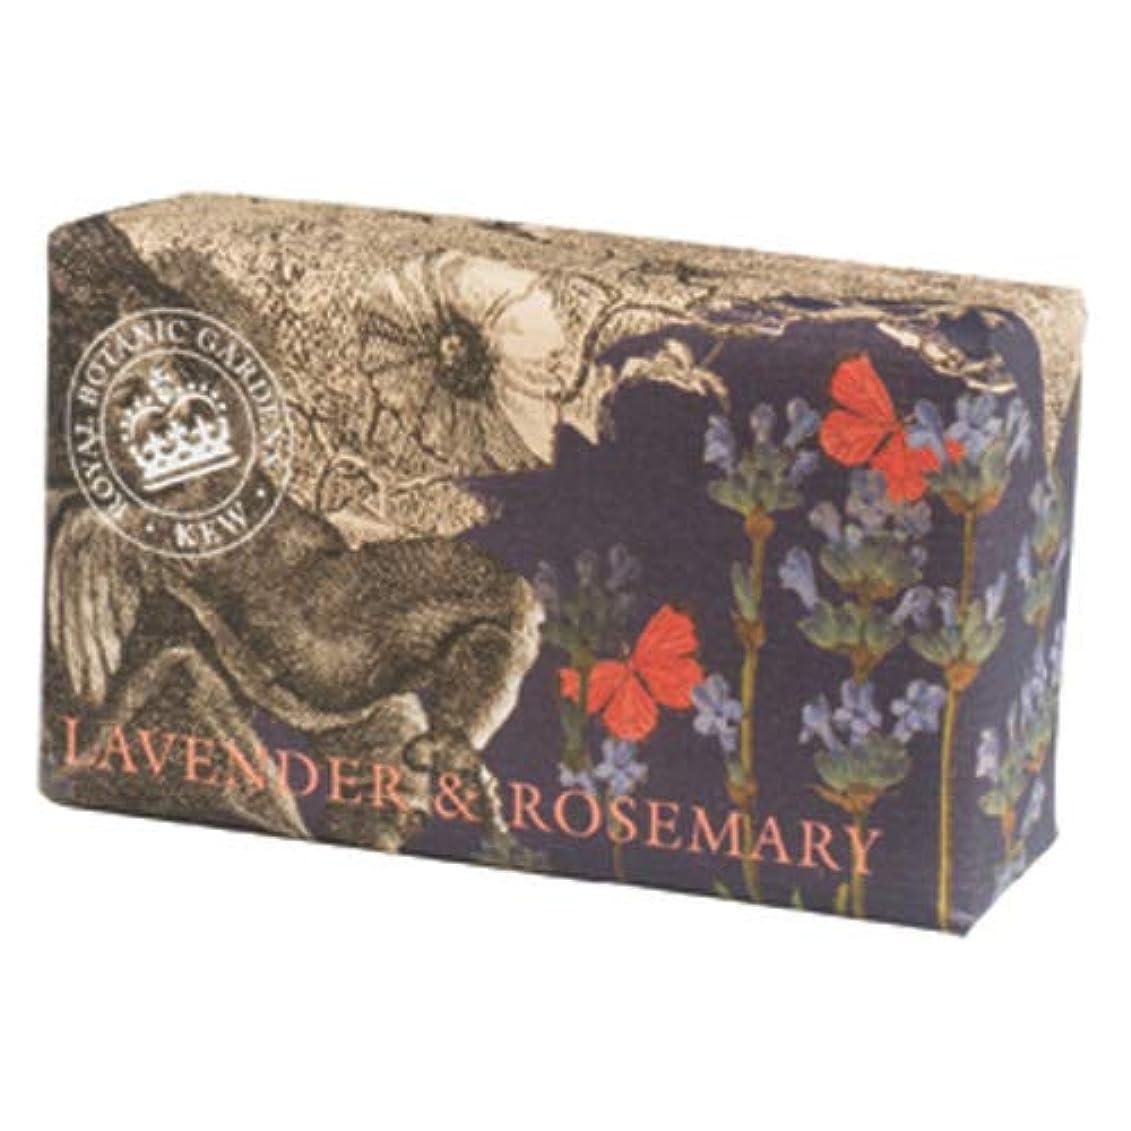 ワークショップ破壊的なニコチンEnglish Soap Company イングリッシュソープカンパニー KEW GARDEN キュー?ガーデン Luxury Shea Soaps シアソープ Lavender & Rosemary ラベンダー&ローズマリー